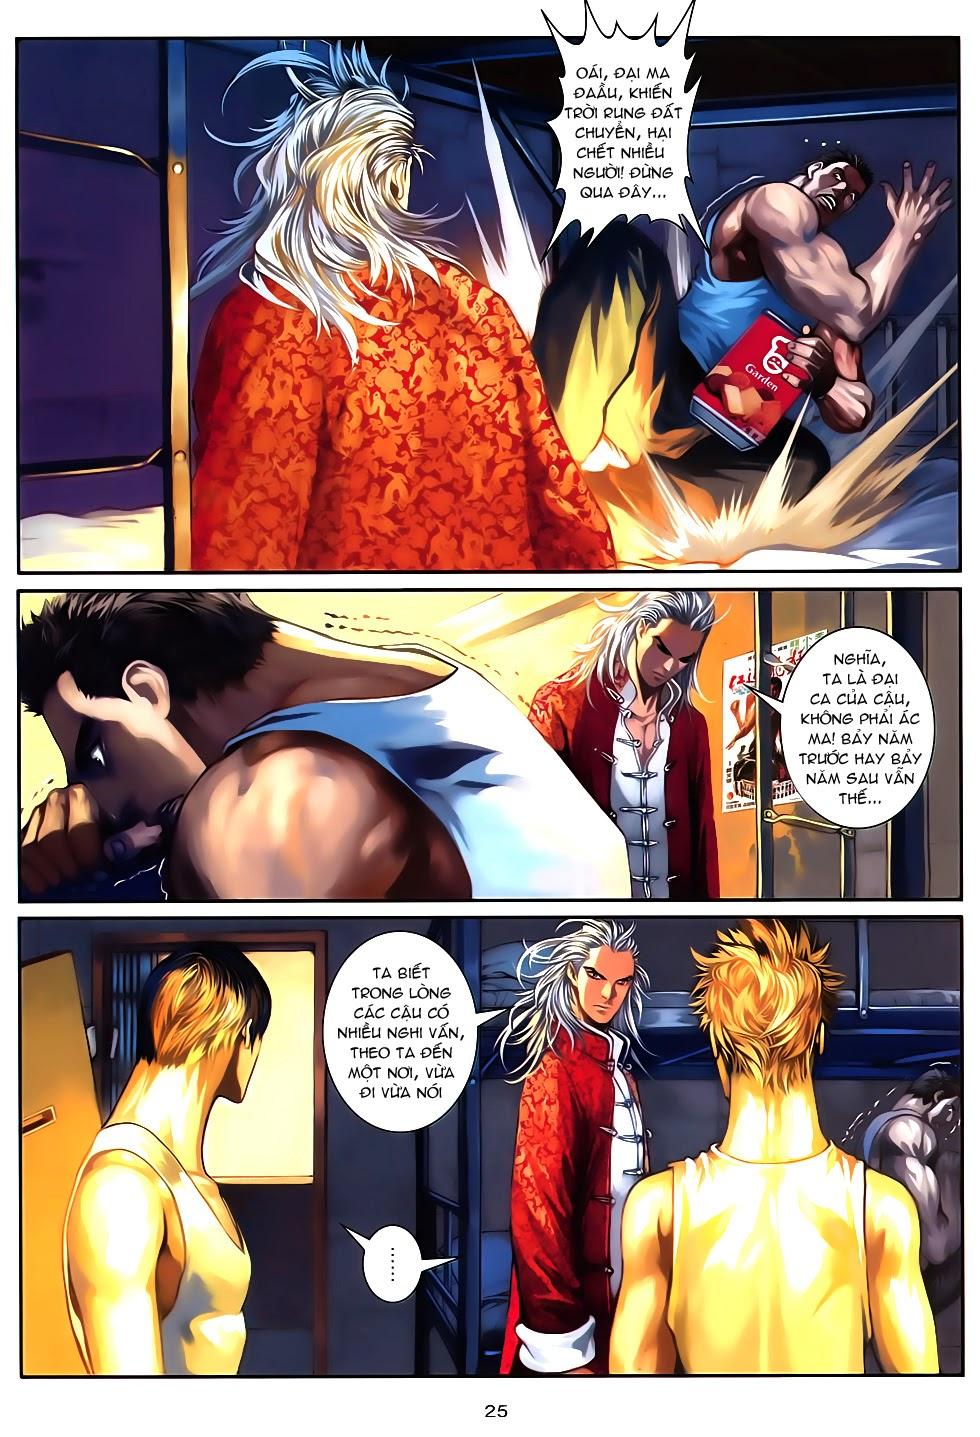 Quyền Đạo chapter 10 trang 24